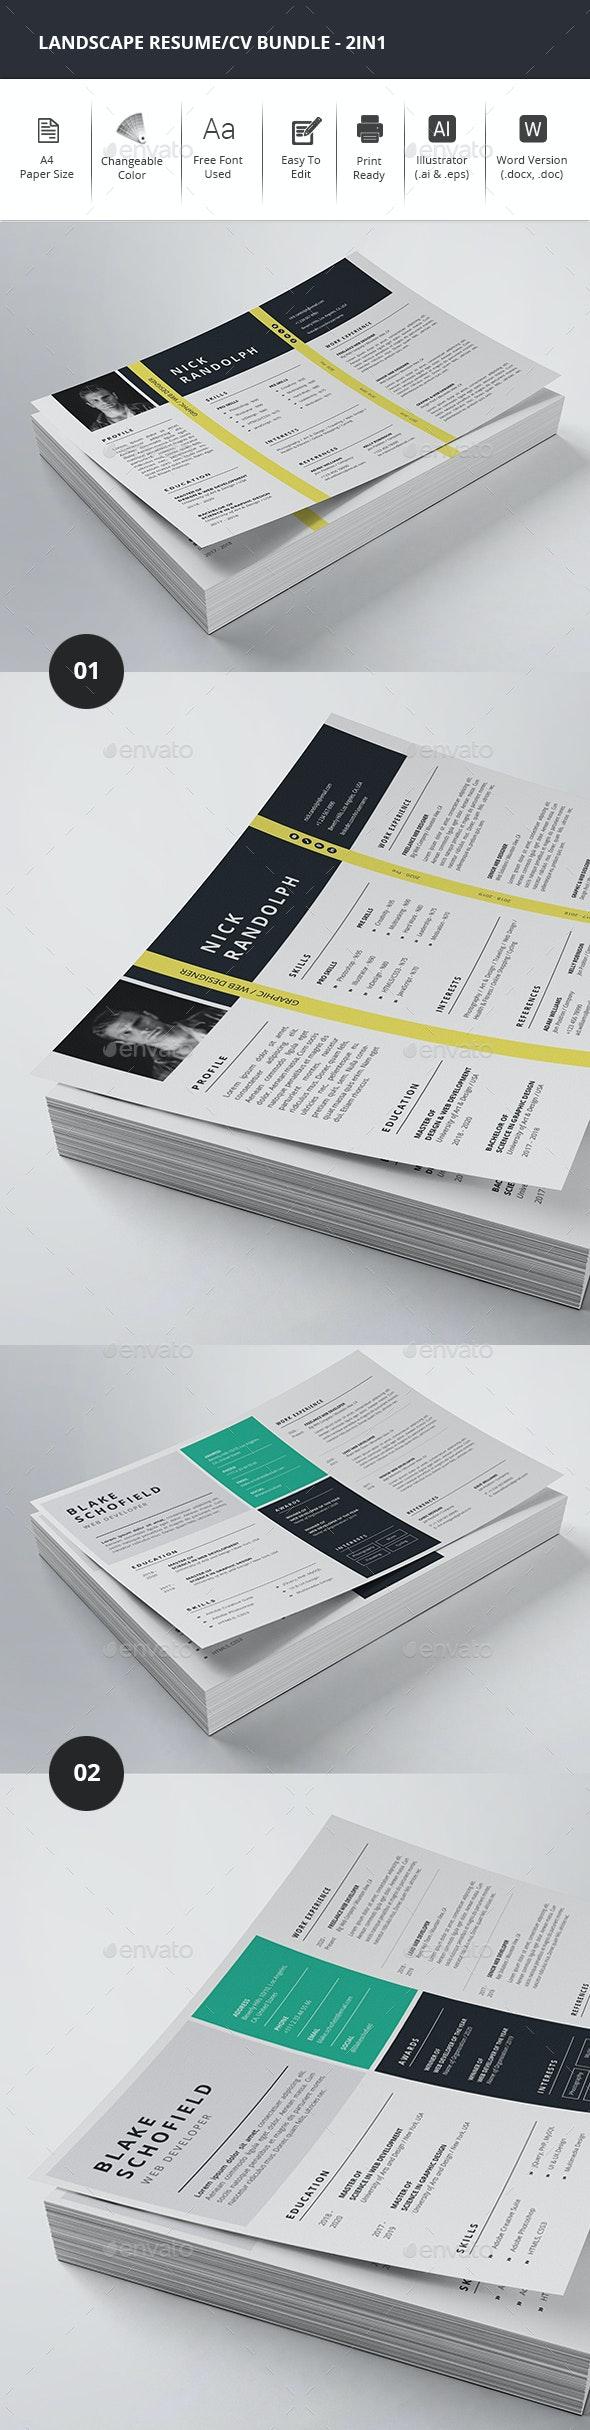 Landscape Resume/CV Bundle - 2in1 - Resumes Stationery